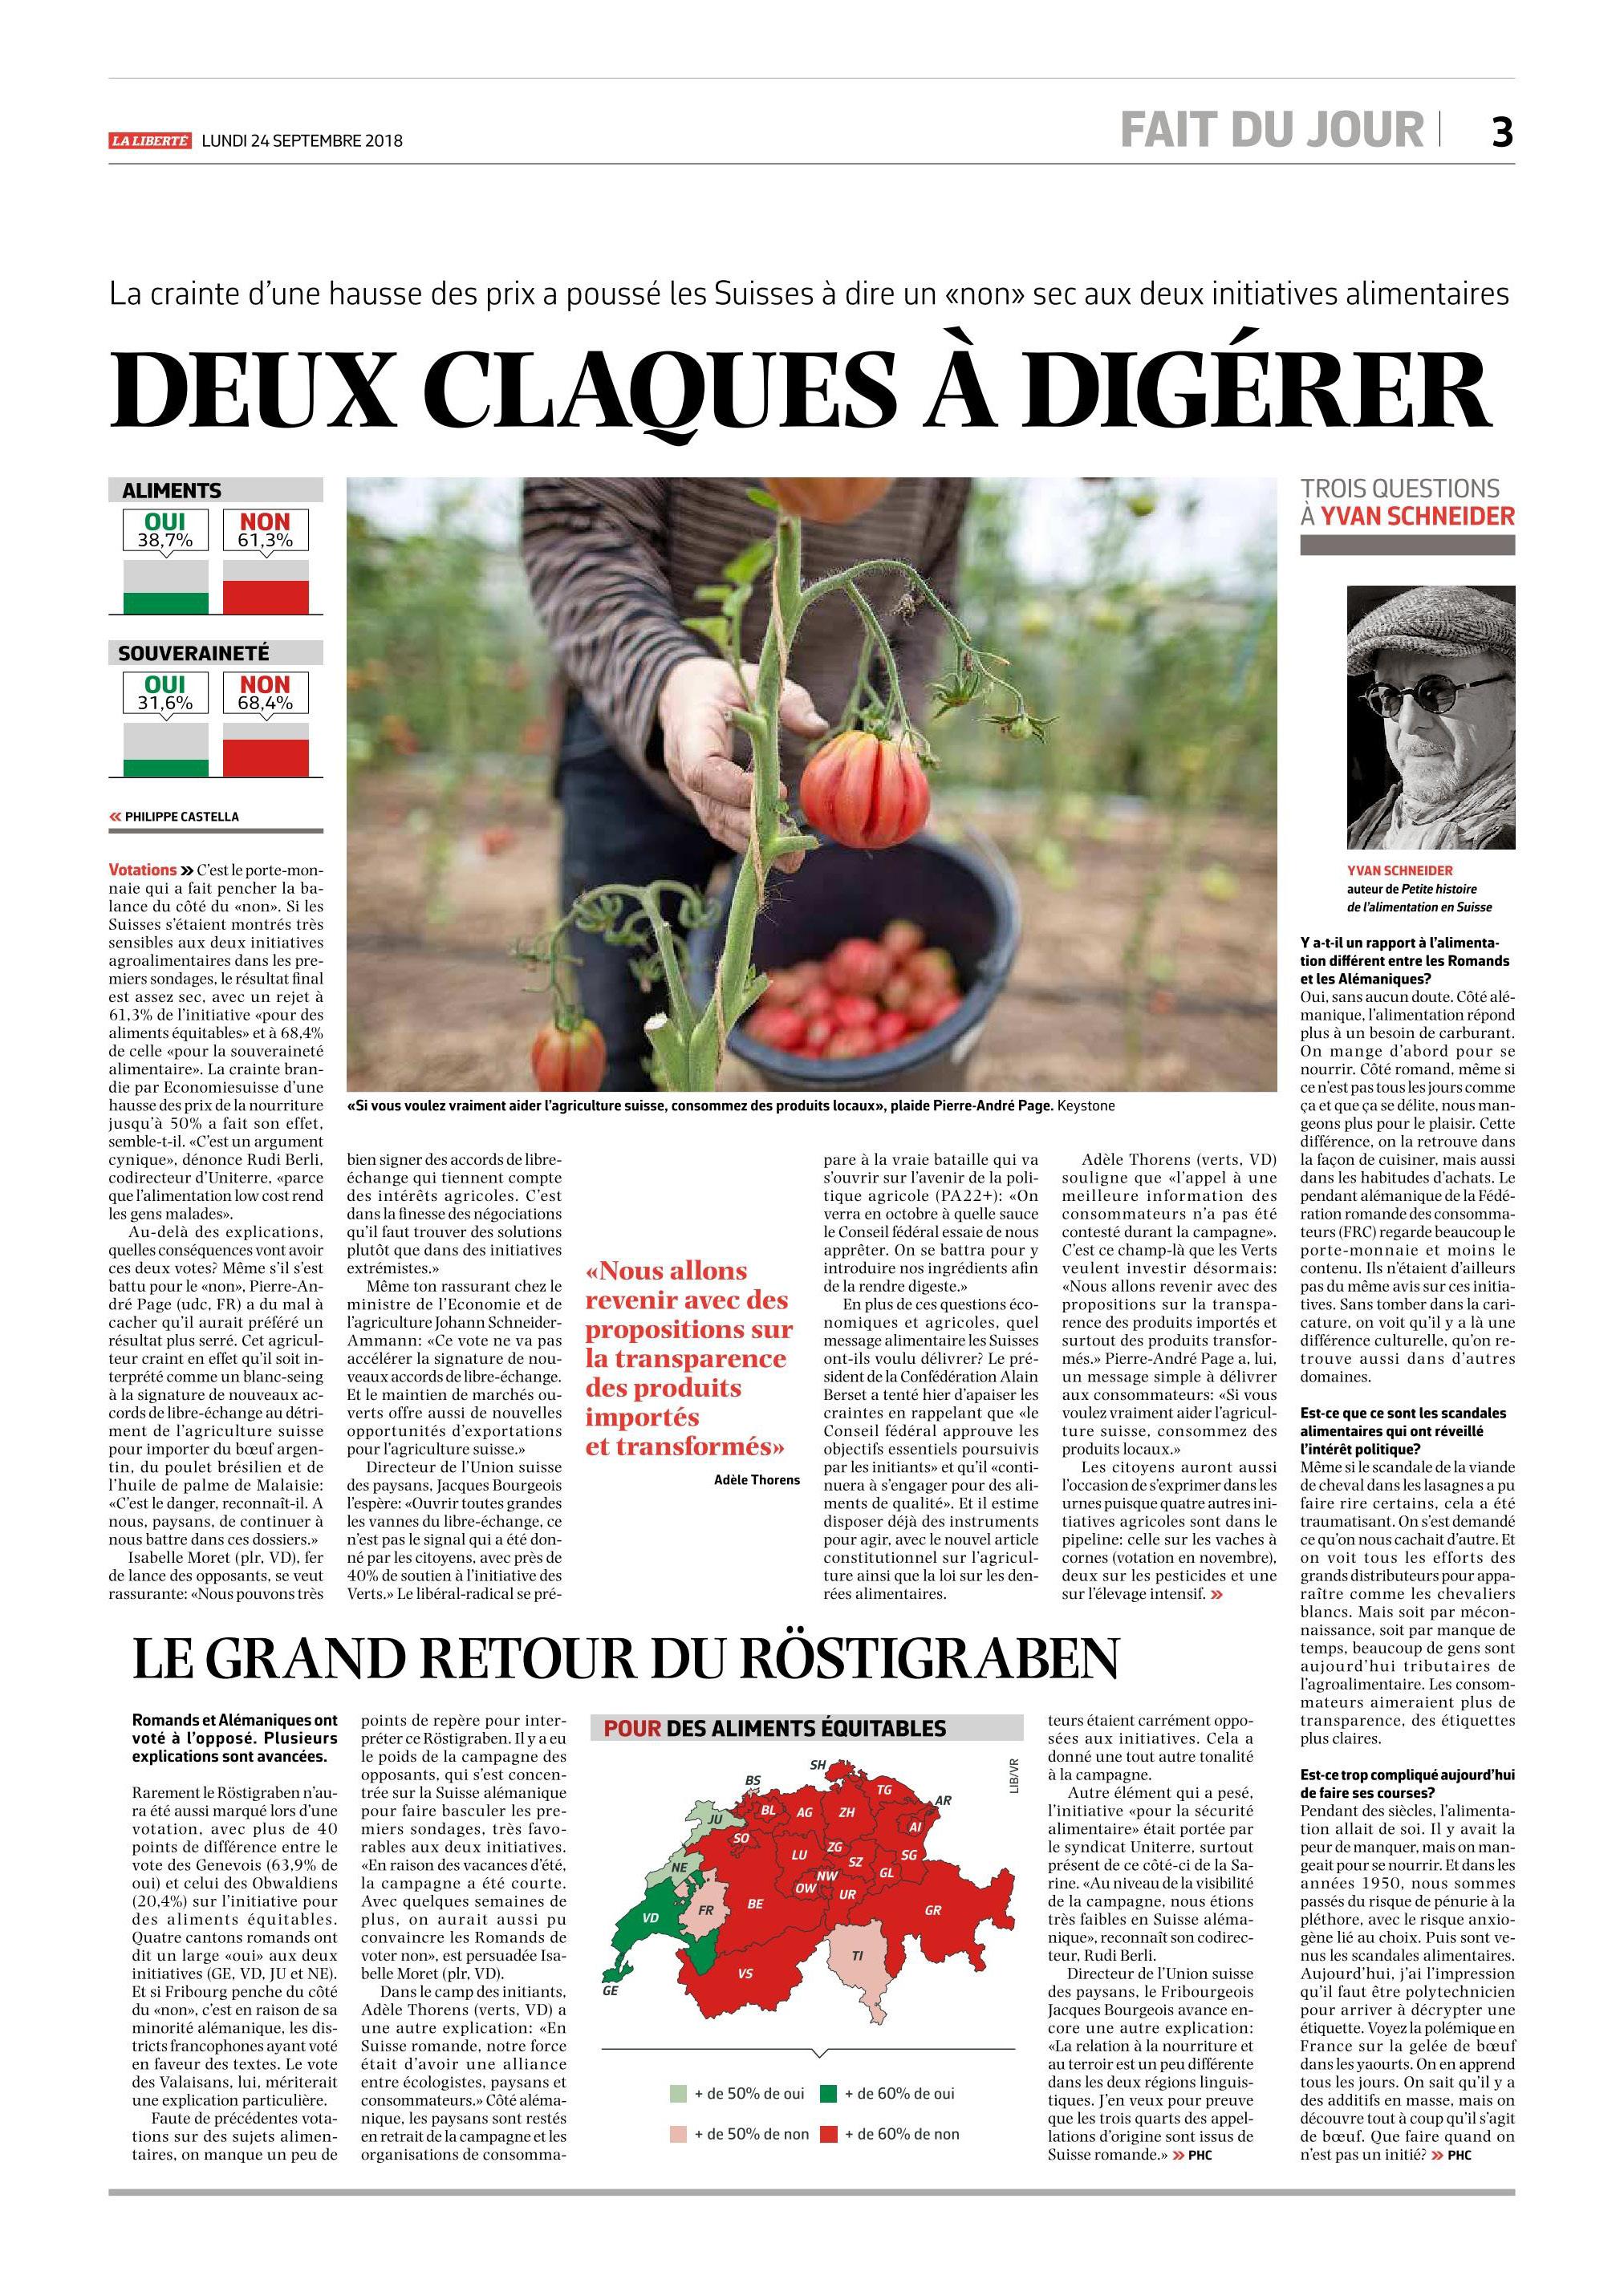 La Liberté, 24.09.2018